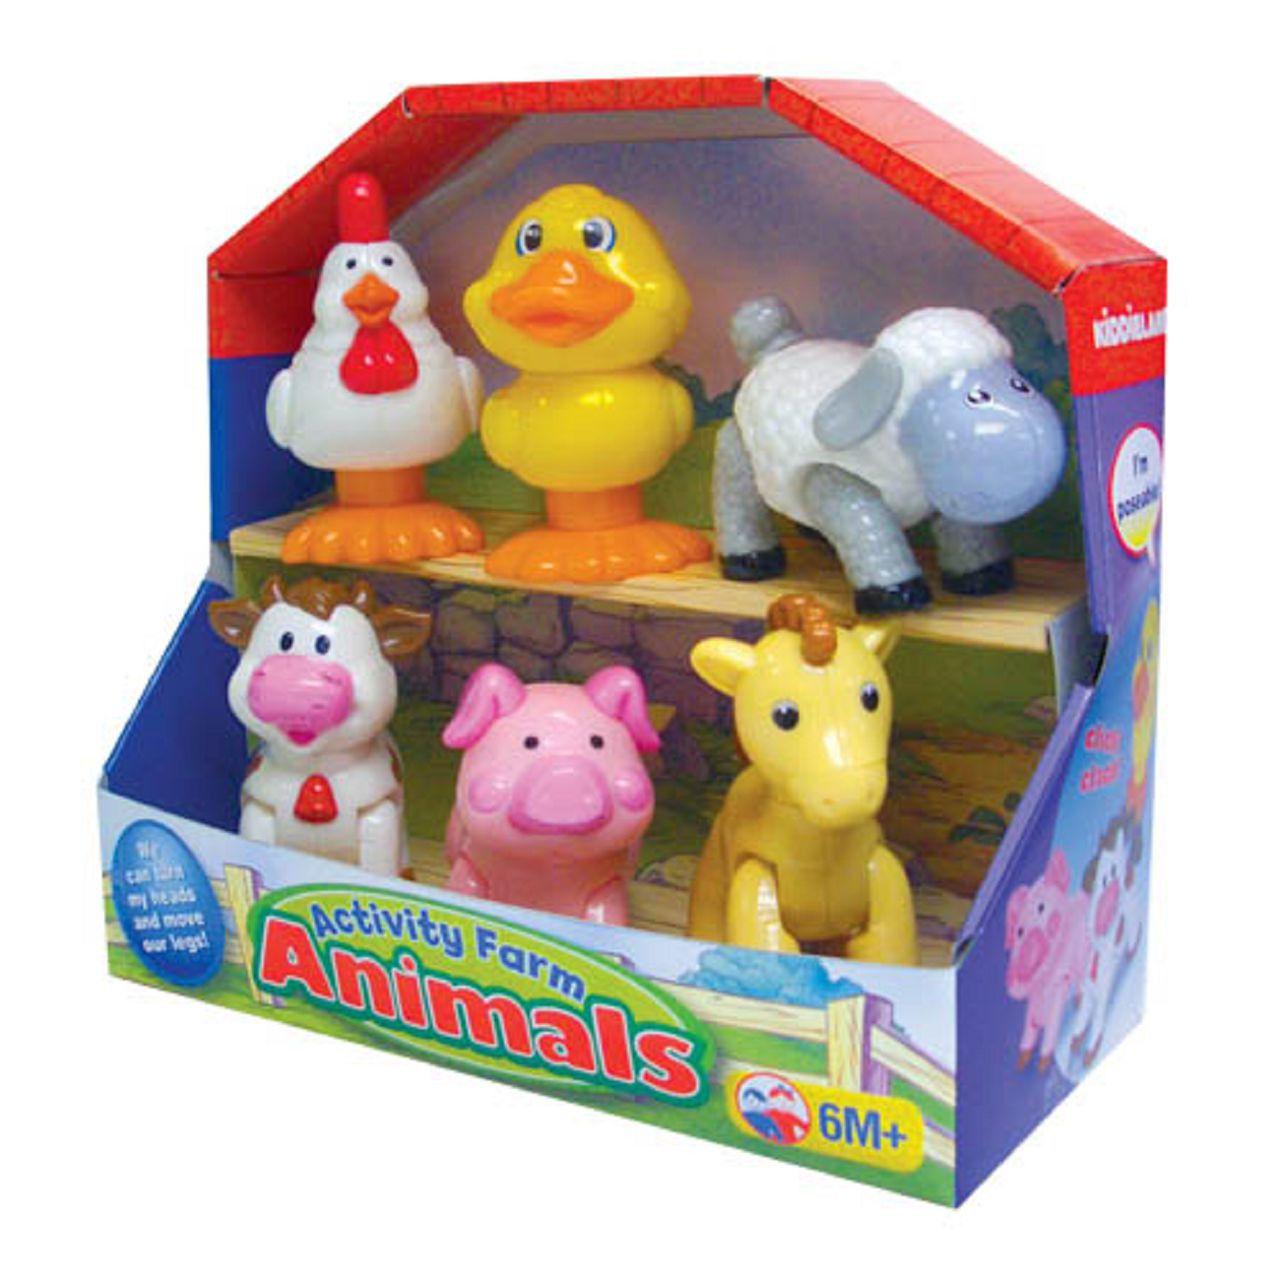 Развивающая игрушка  Домашние животные - Игровые наборы Зоопарк, Ферма, артикул: 150145